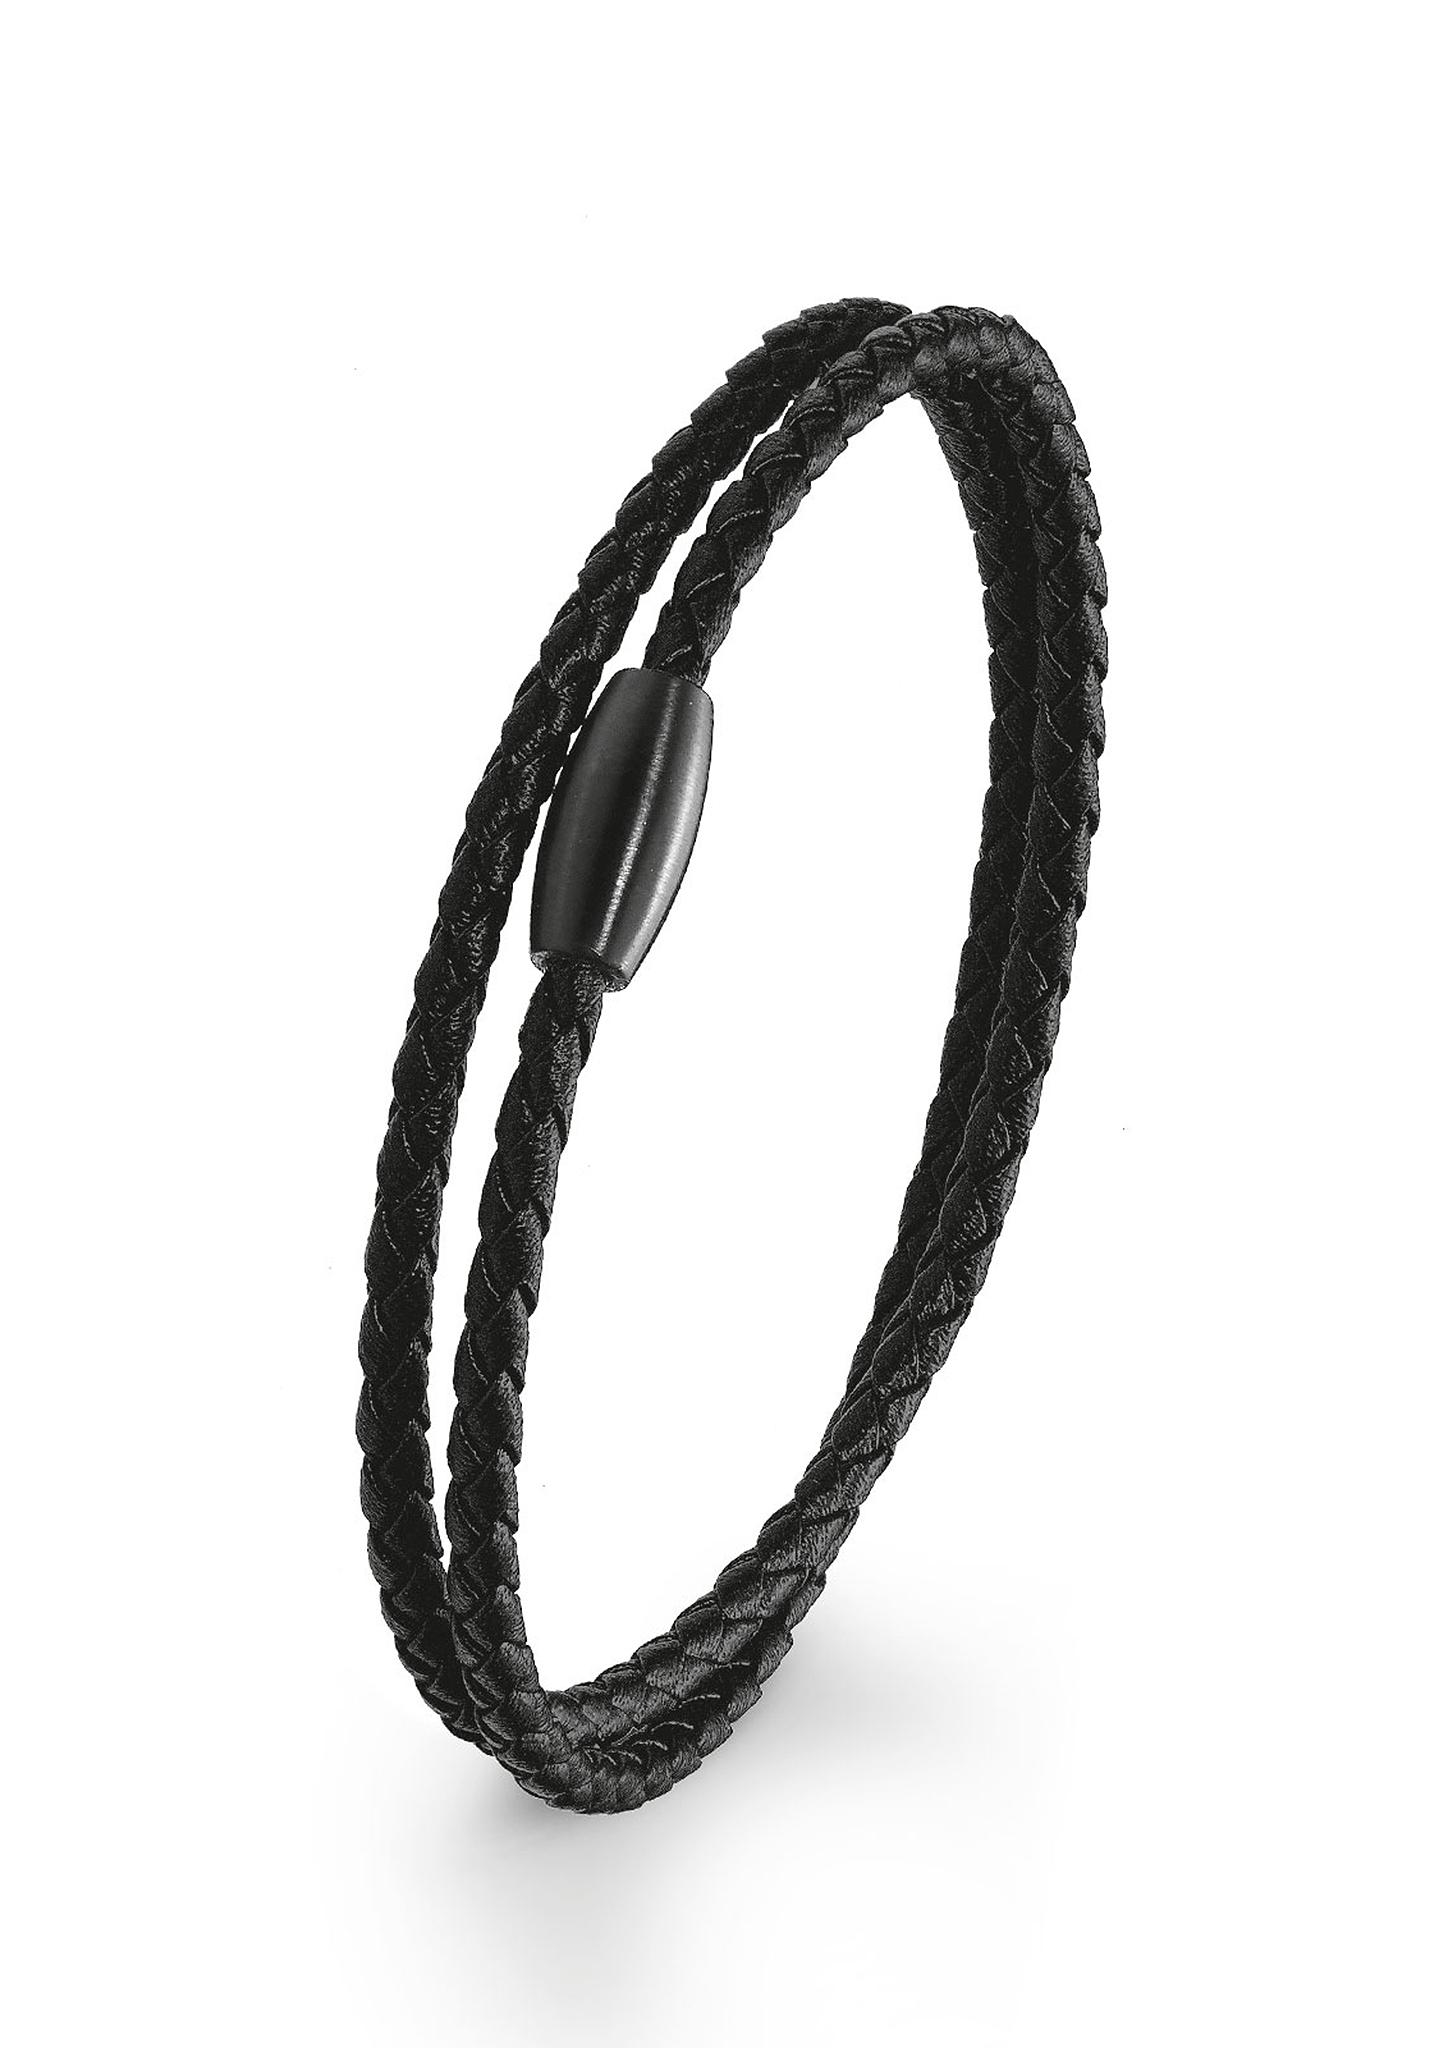 Armband | Schmuck | Grau/schwarz | Edelstahl -  leder -  ip black | s.Oliver